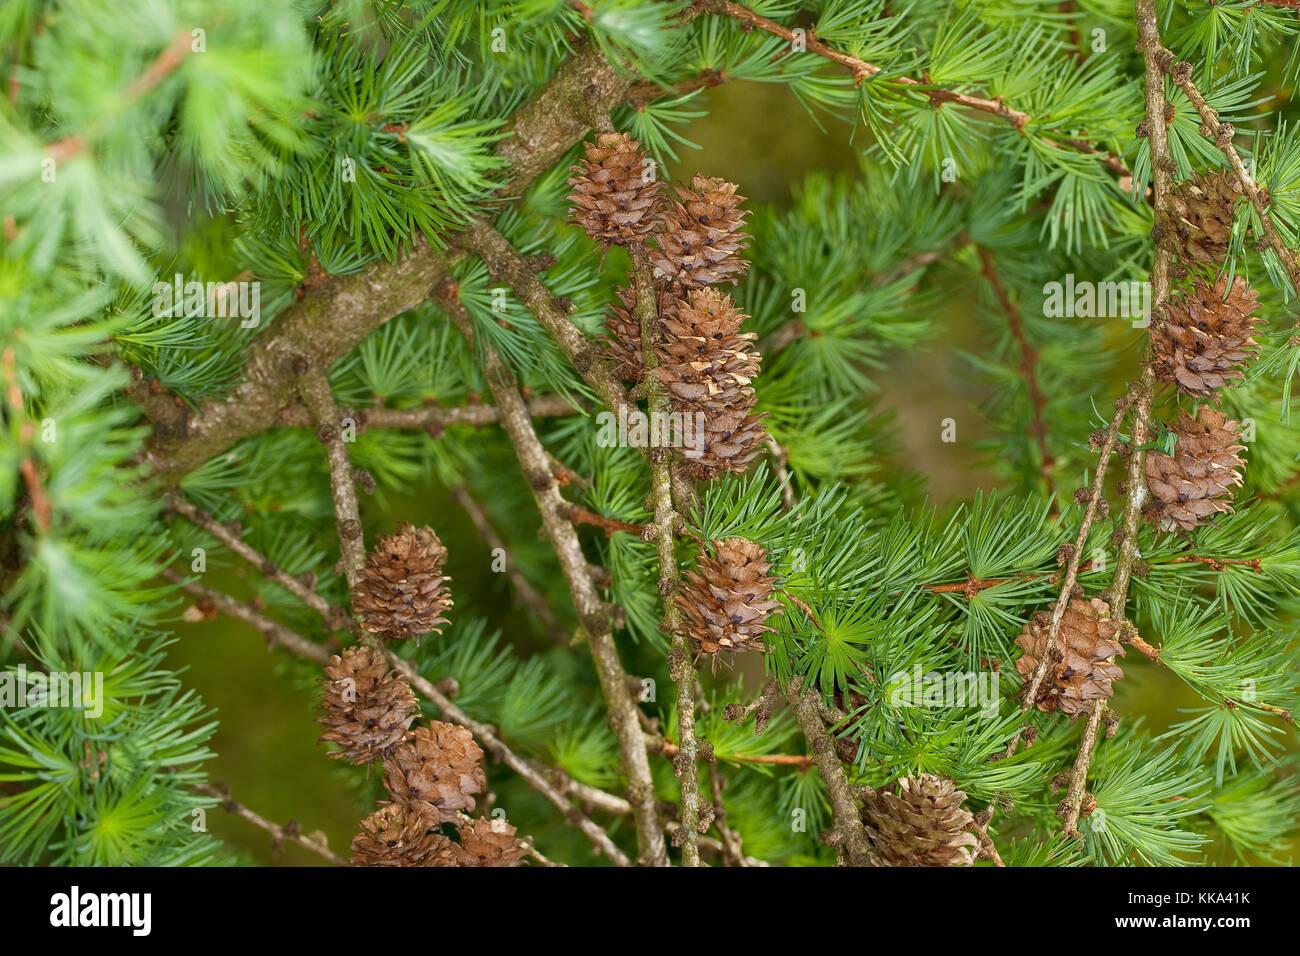 Europäische Lärche, Larix decidua, Zweig mit Zapfen, European Larch - Stock Image